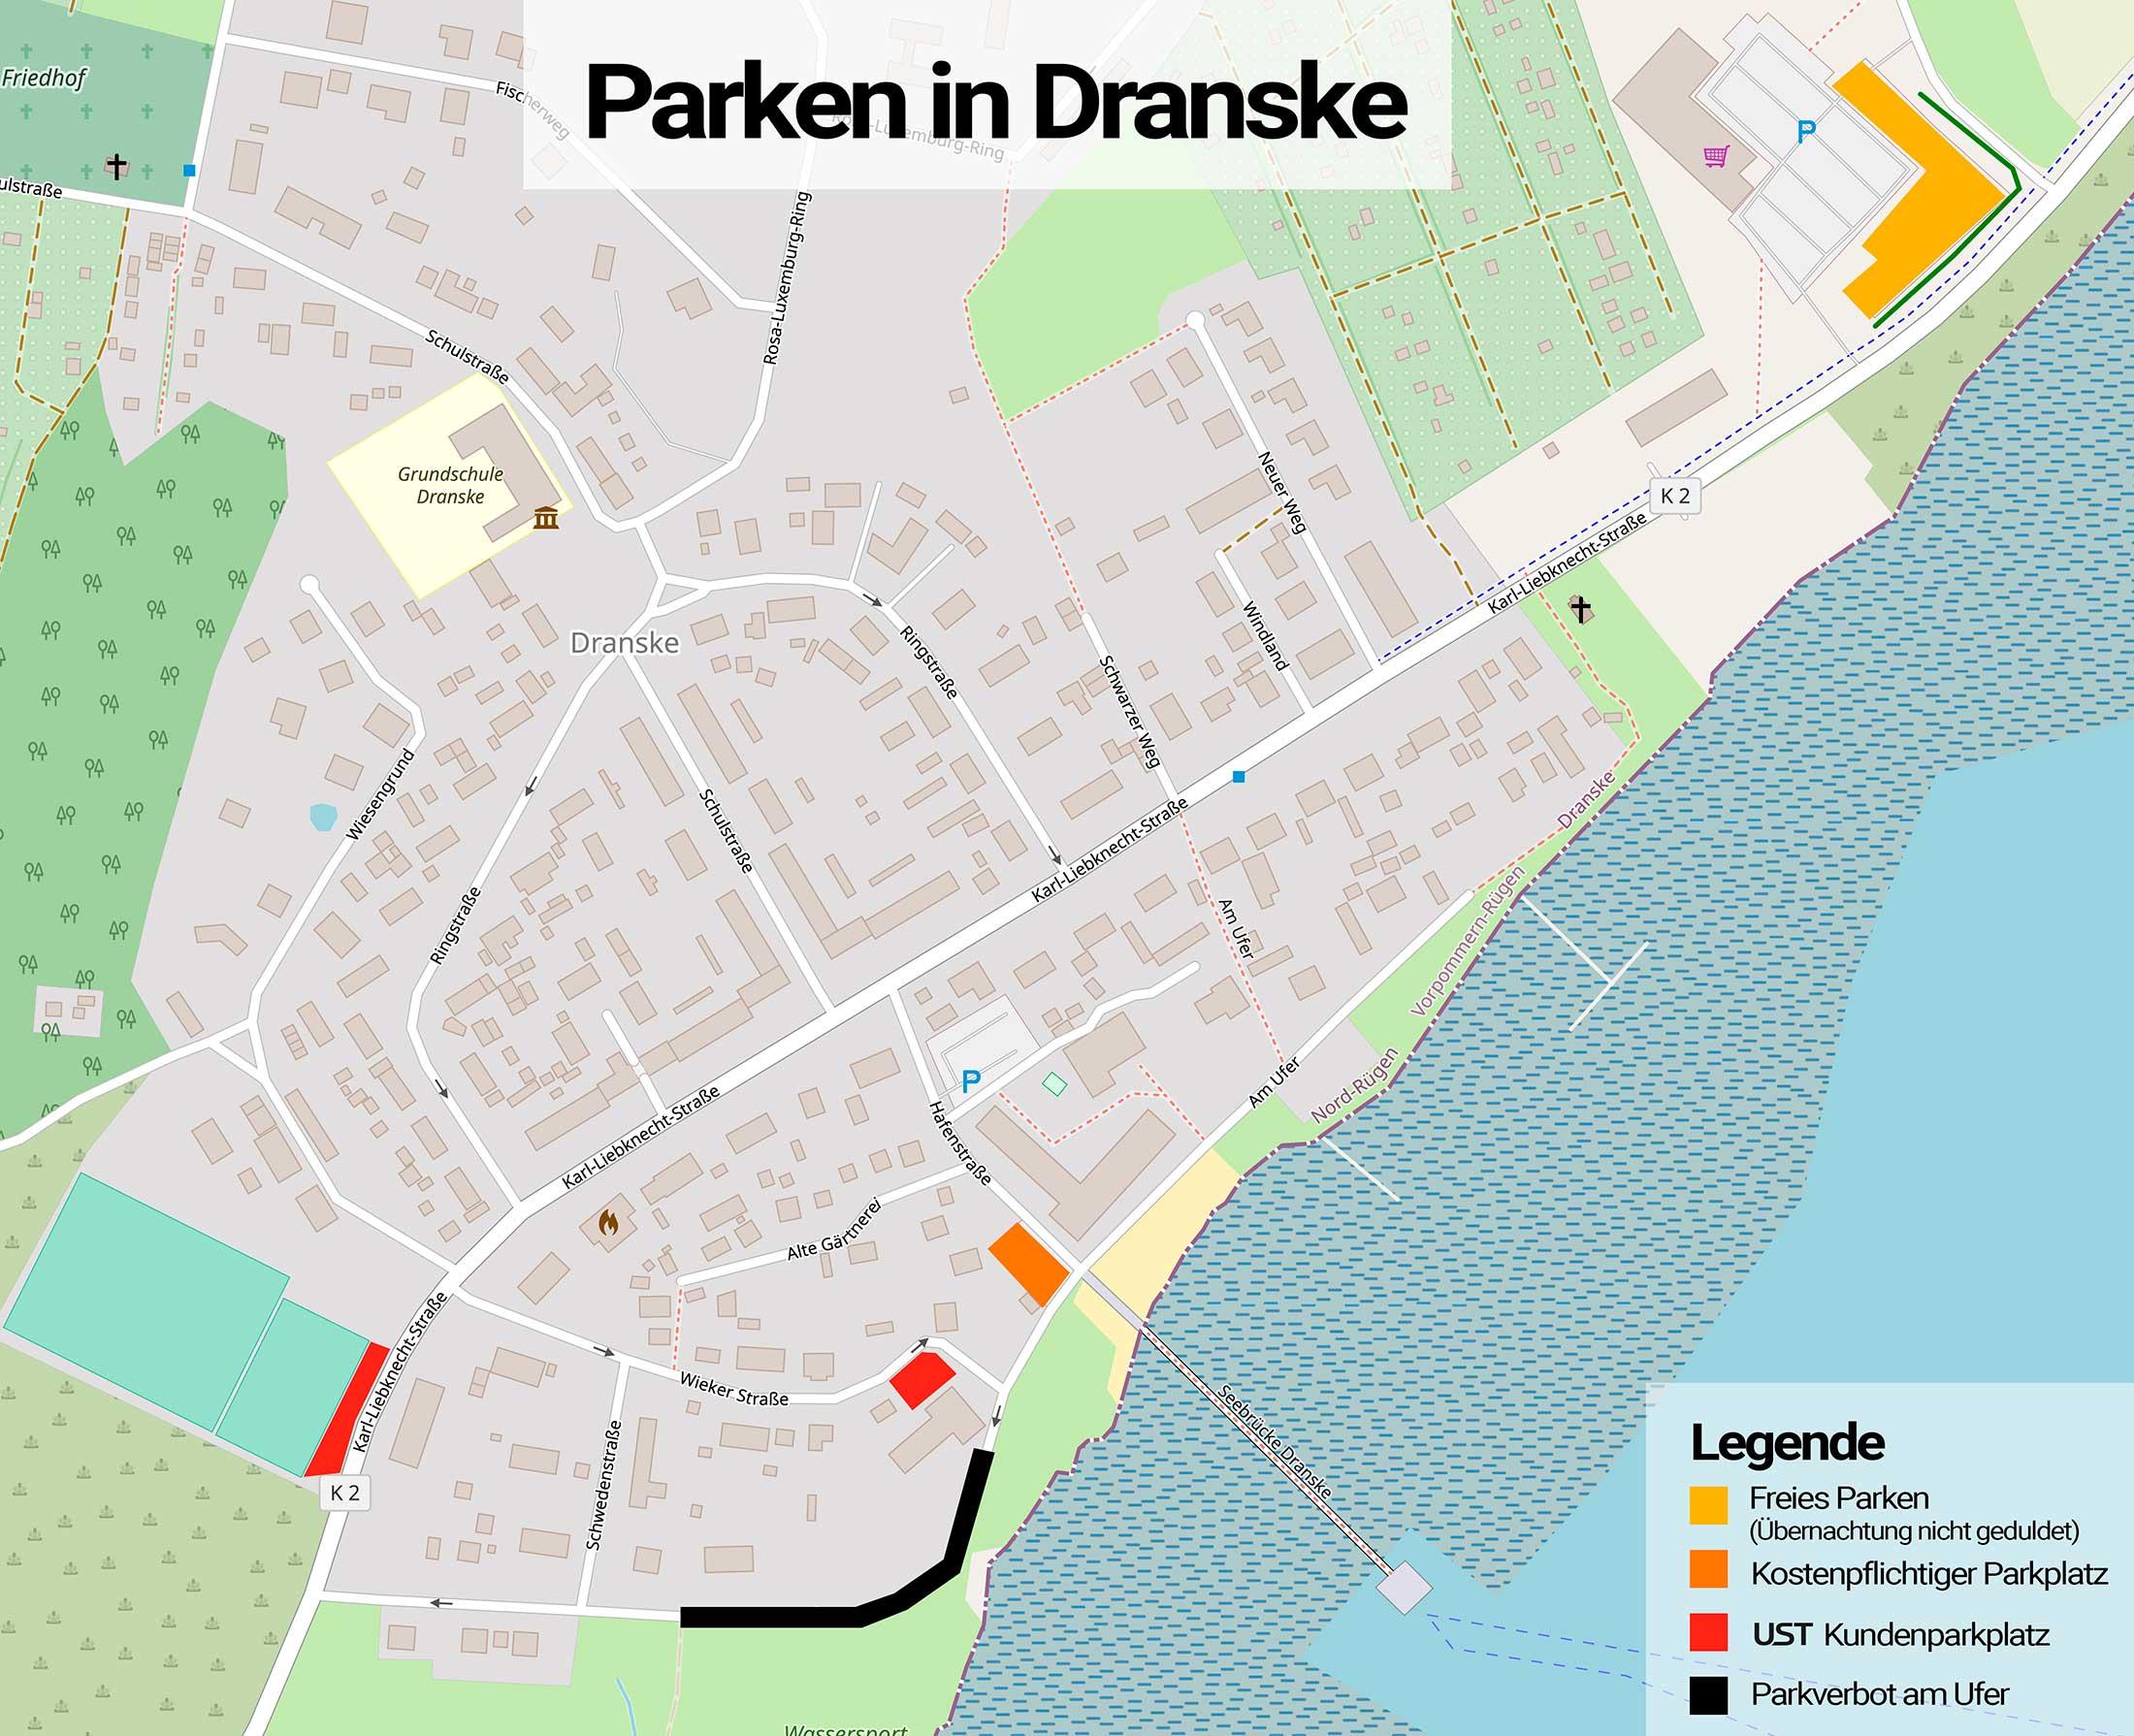 Parkmöglichkeiten in Dranske